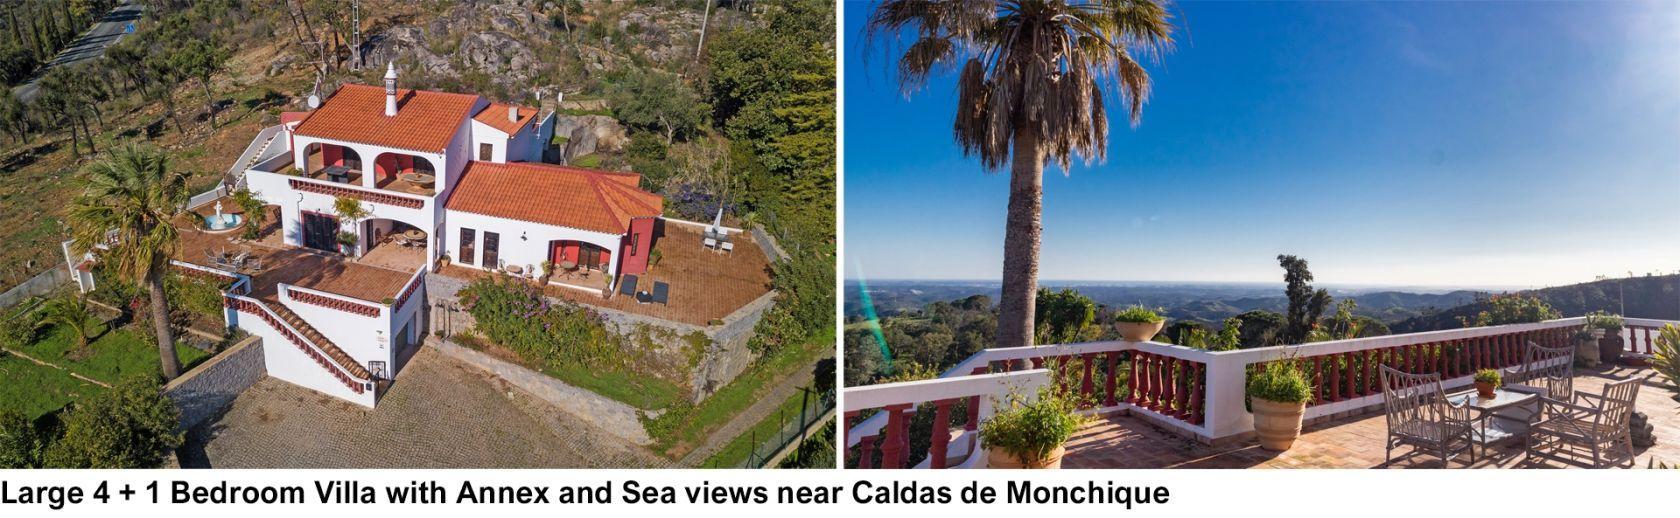 LG1563-Large 4 + 1 Bedroom Villa with Annex and Sea views near Caldas de Monchique